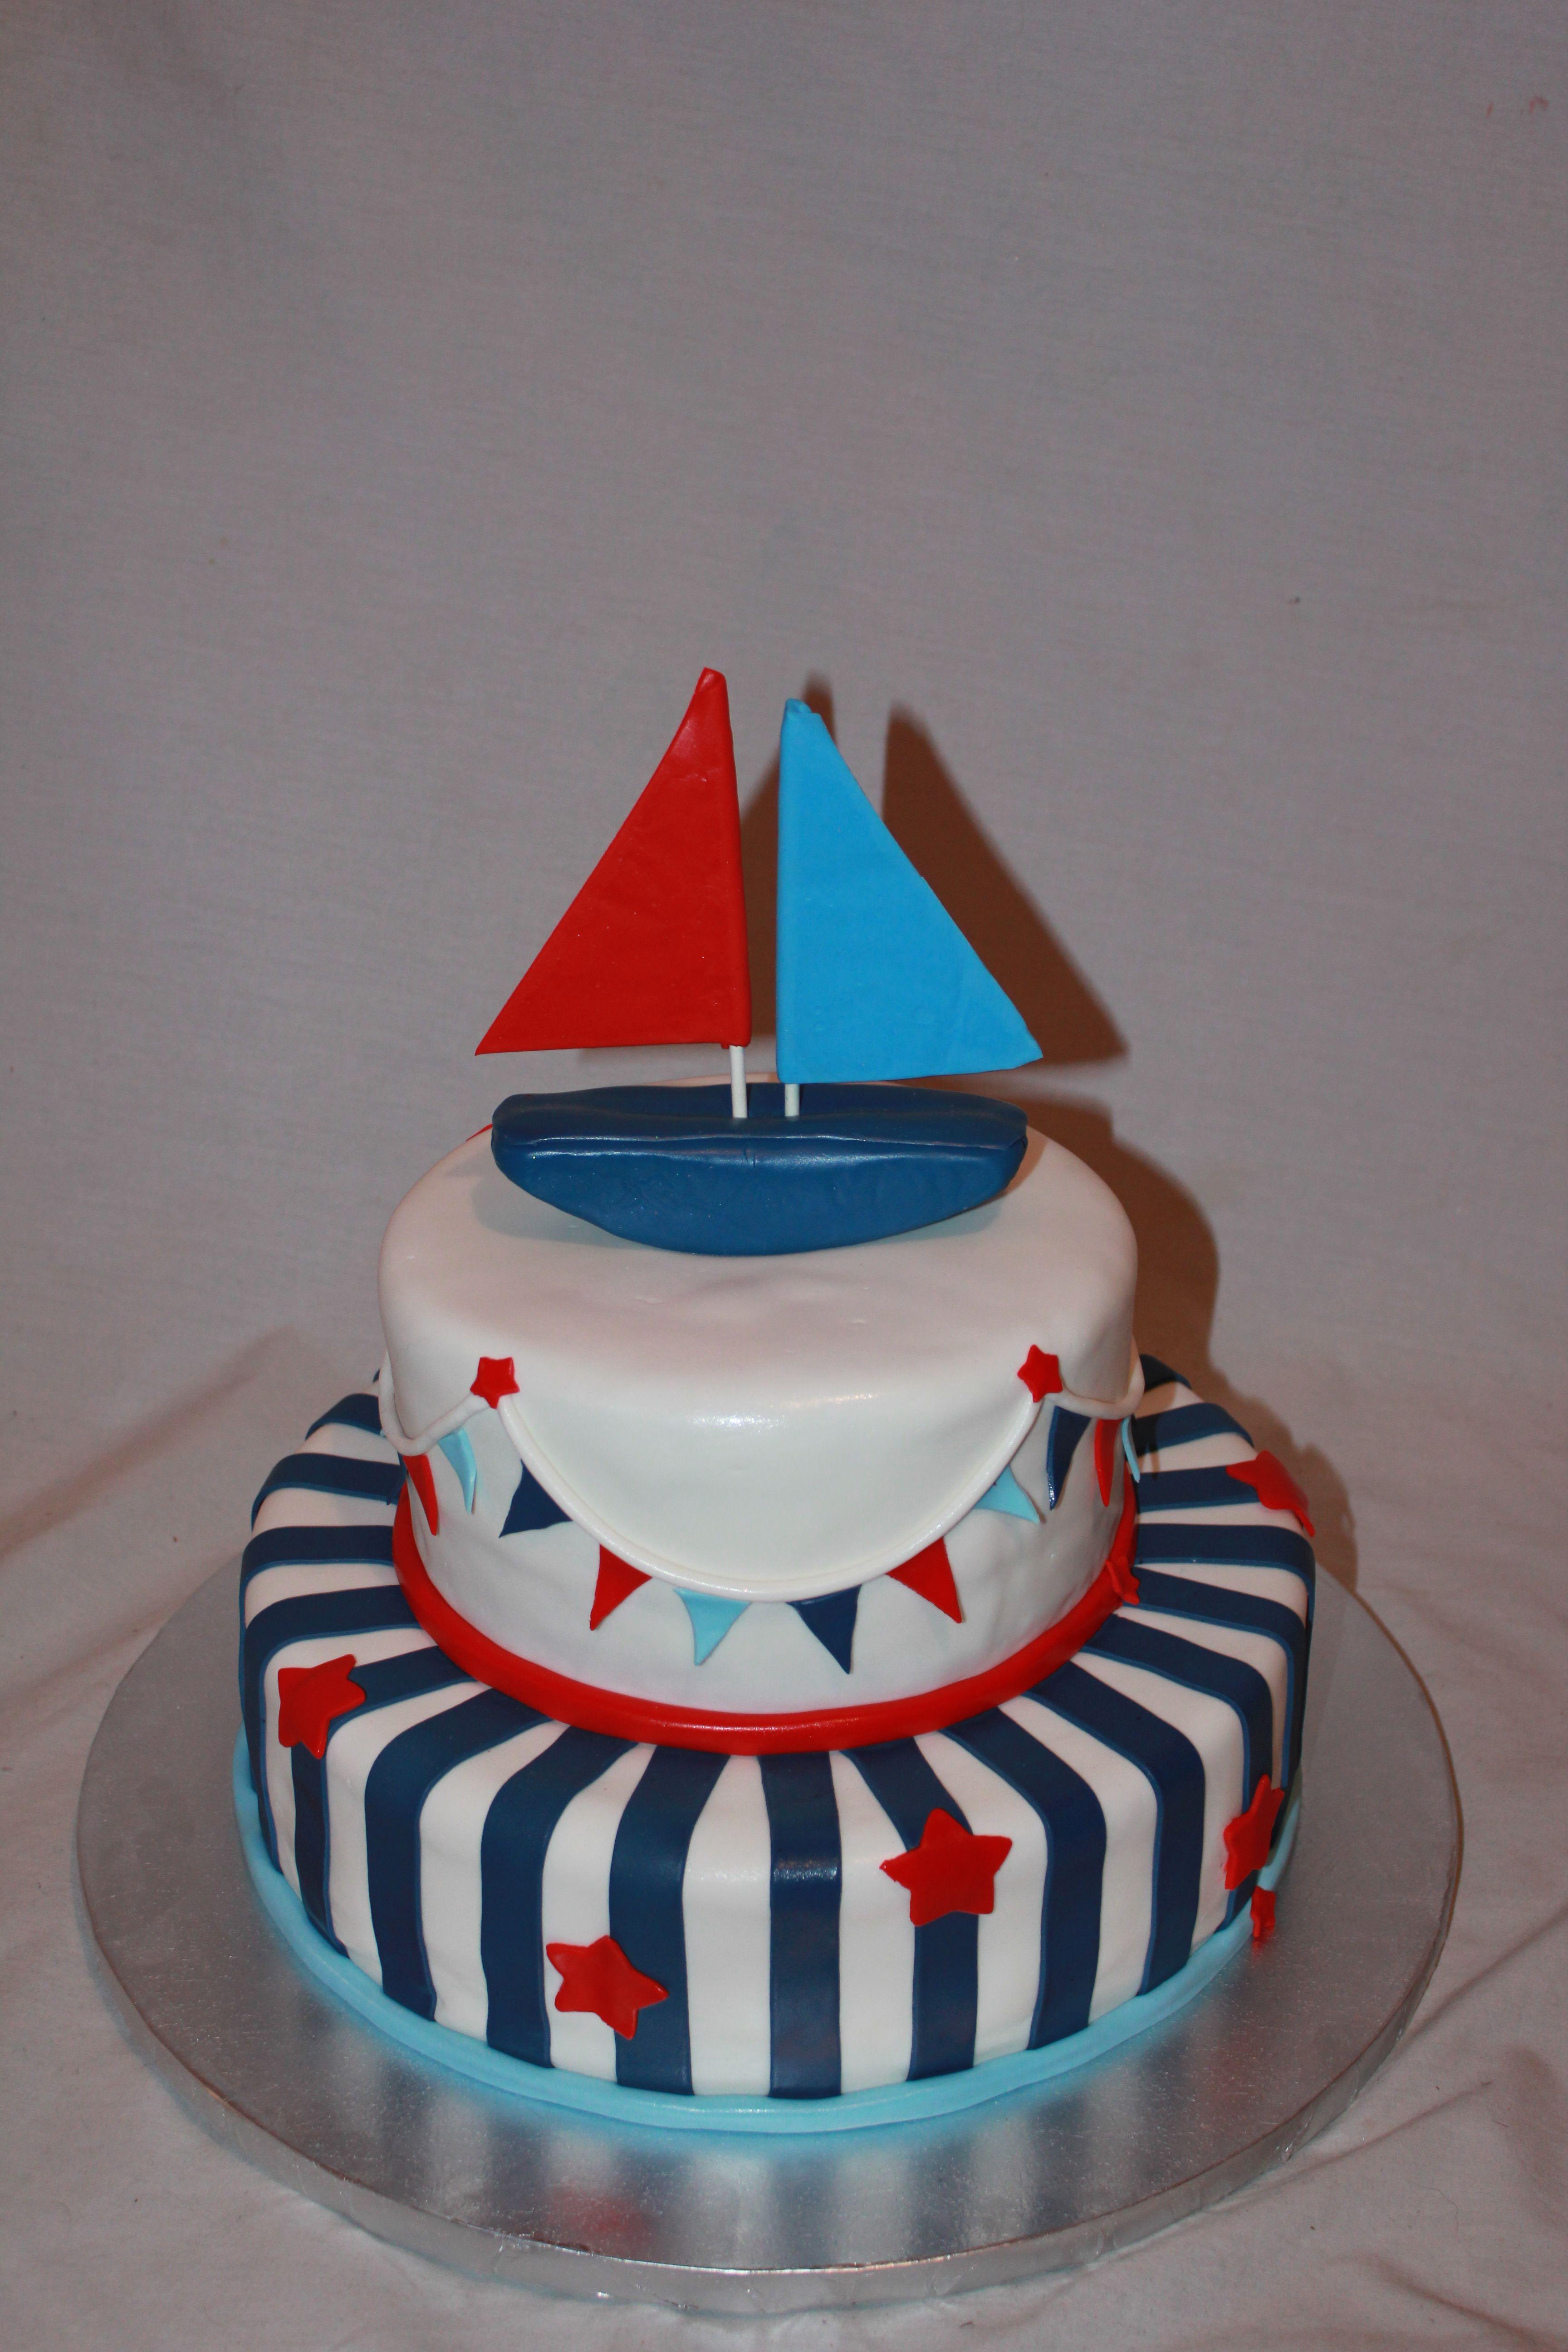 Nautical Baby Shower Cakes | CakeDreamz.com   Cakes   Nautical Baby Shower  Cake